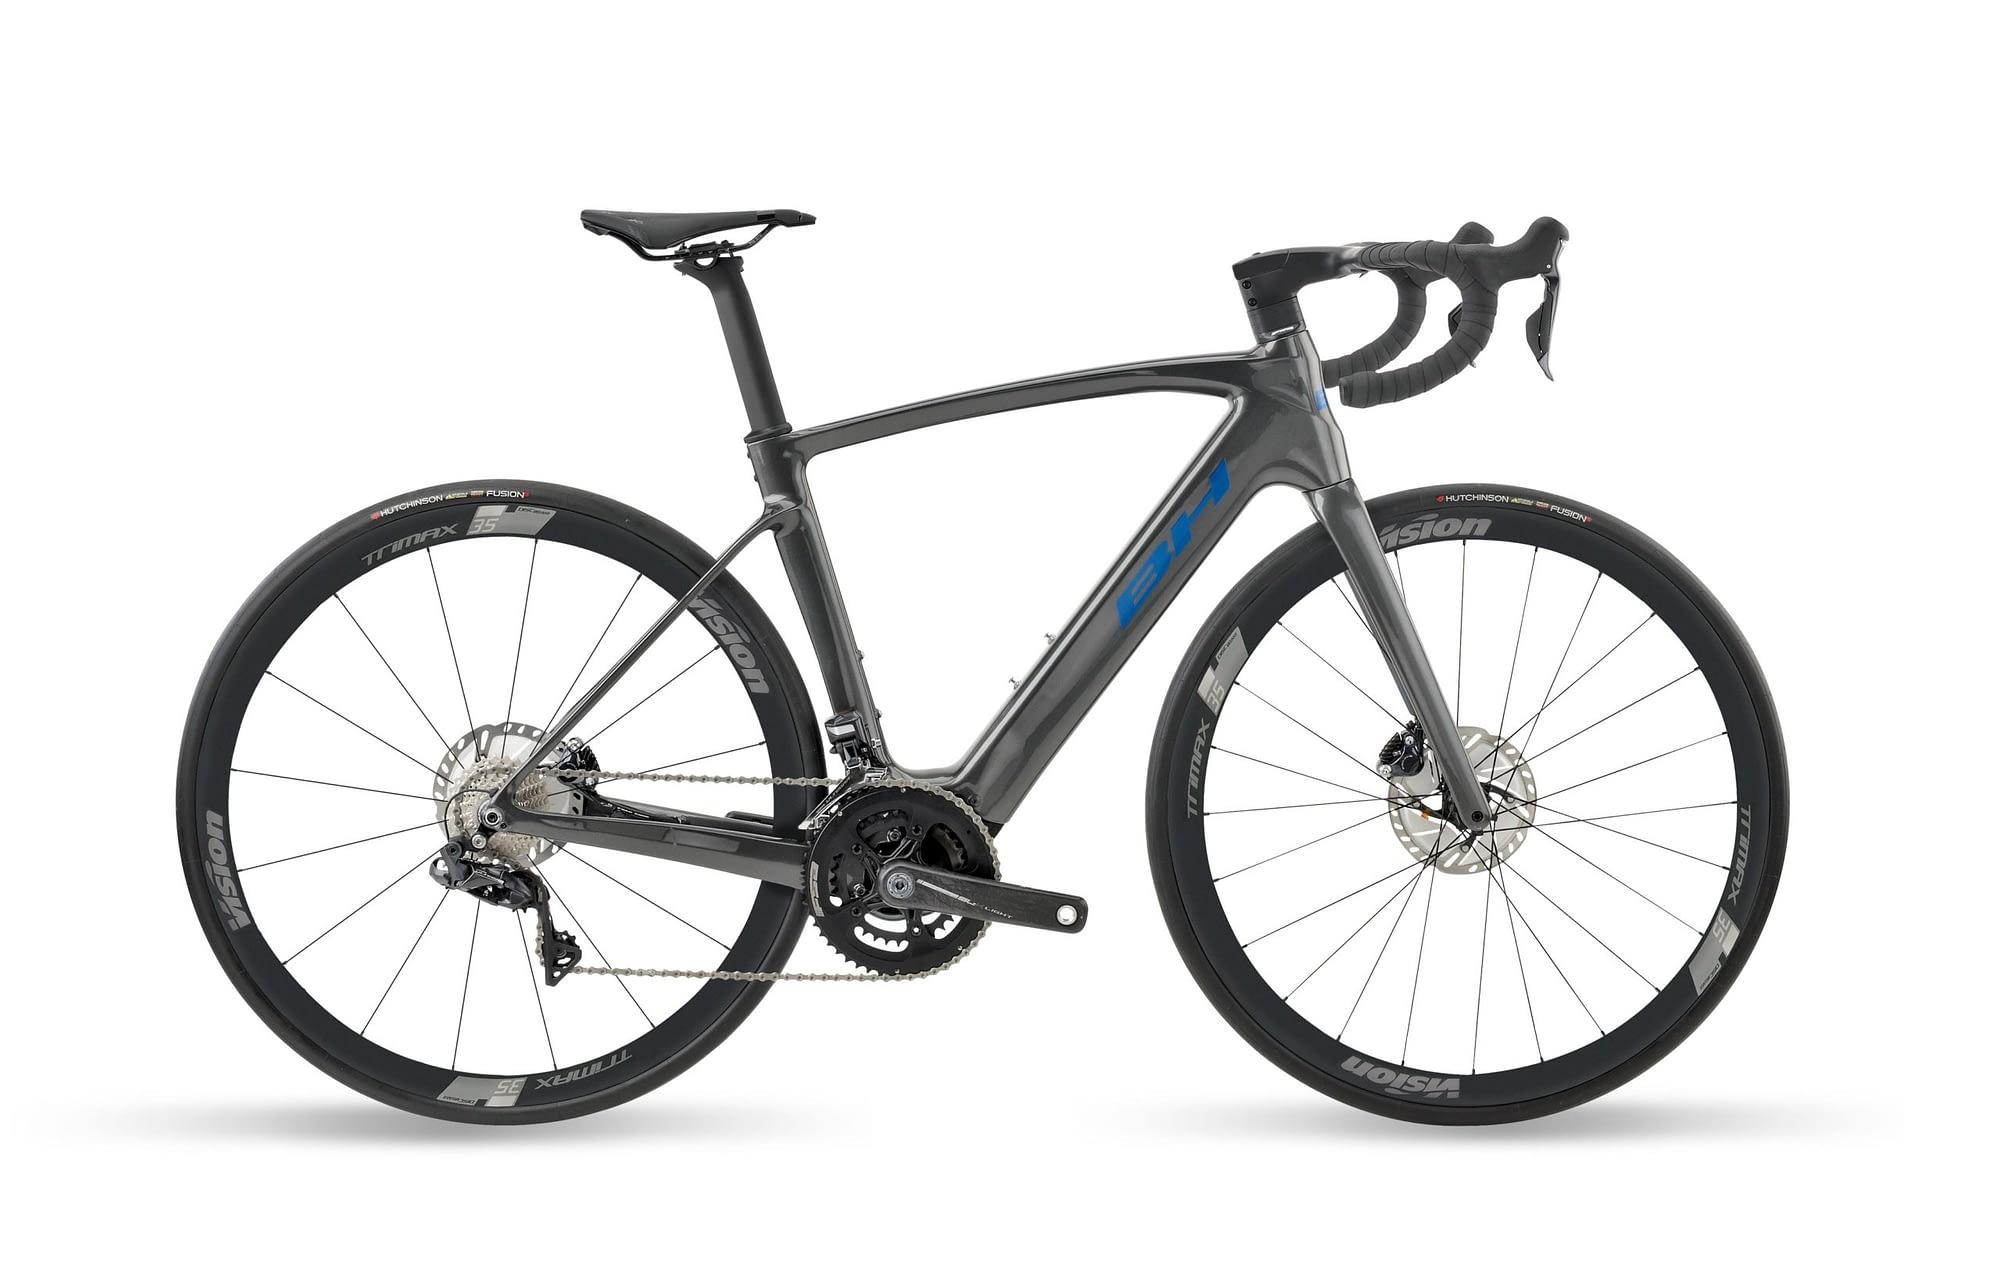 BH CORE RACE CARBON 1.8 - Noir / Bleu, L